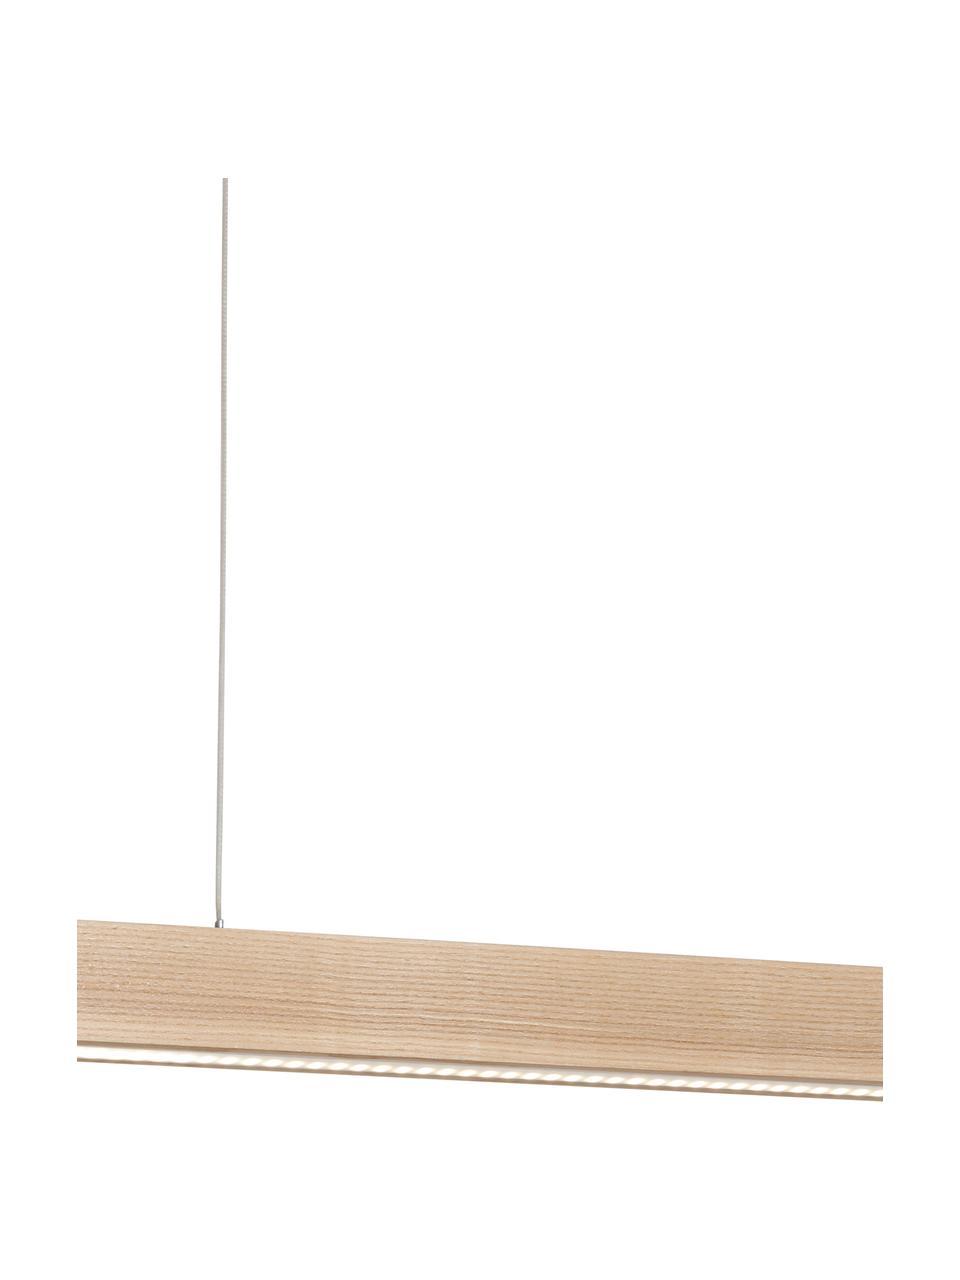 Lampada a sospensione a LED in legno Timber, Paralume: legno, Baldacchino: legno, Legno, Larg. 65 x Alt. 9 cm